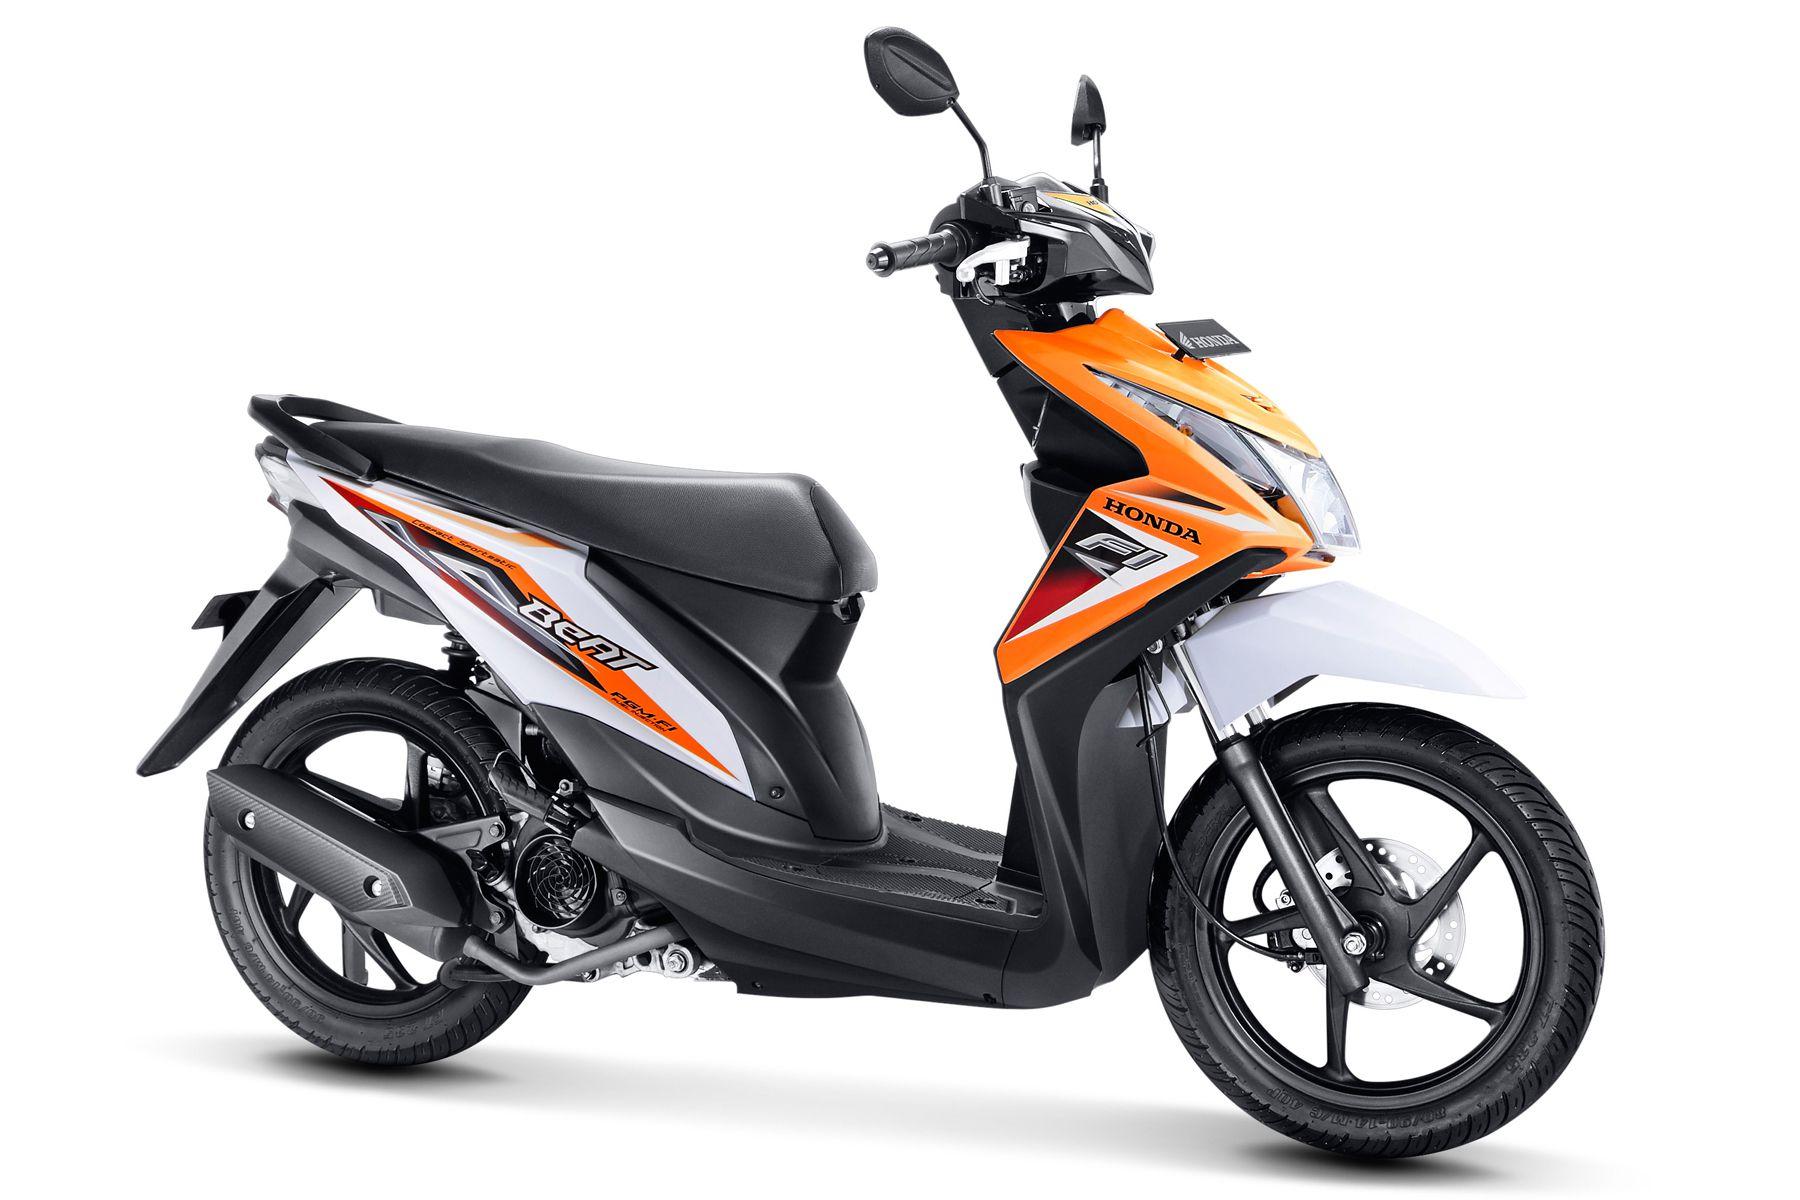 73 Modifikasi Motor Beat Putih Orange Terbaru Dan Terkeren